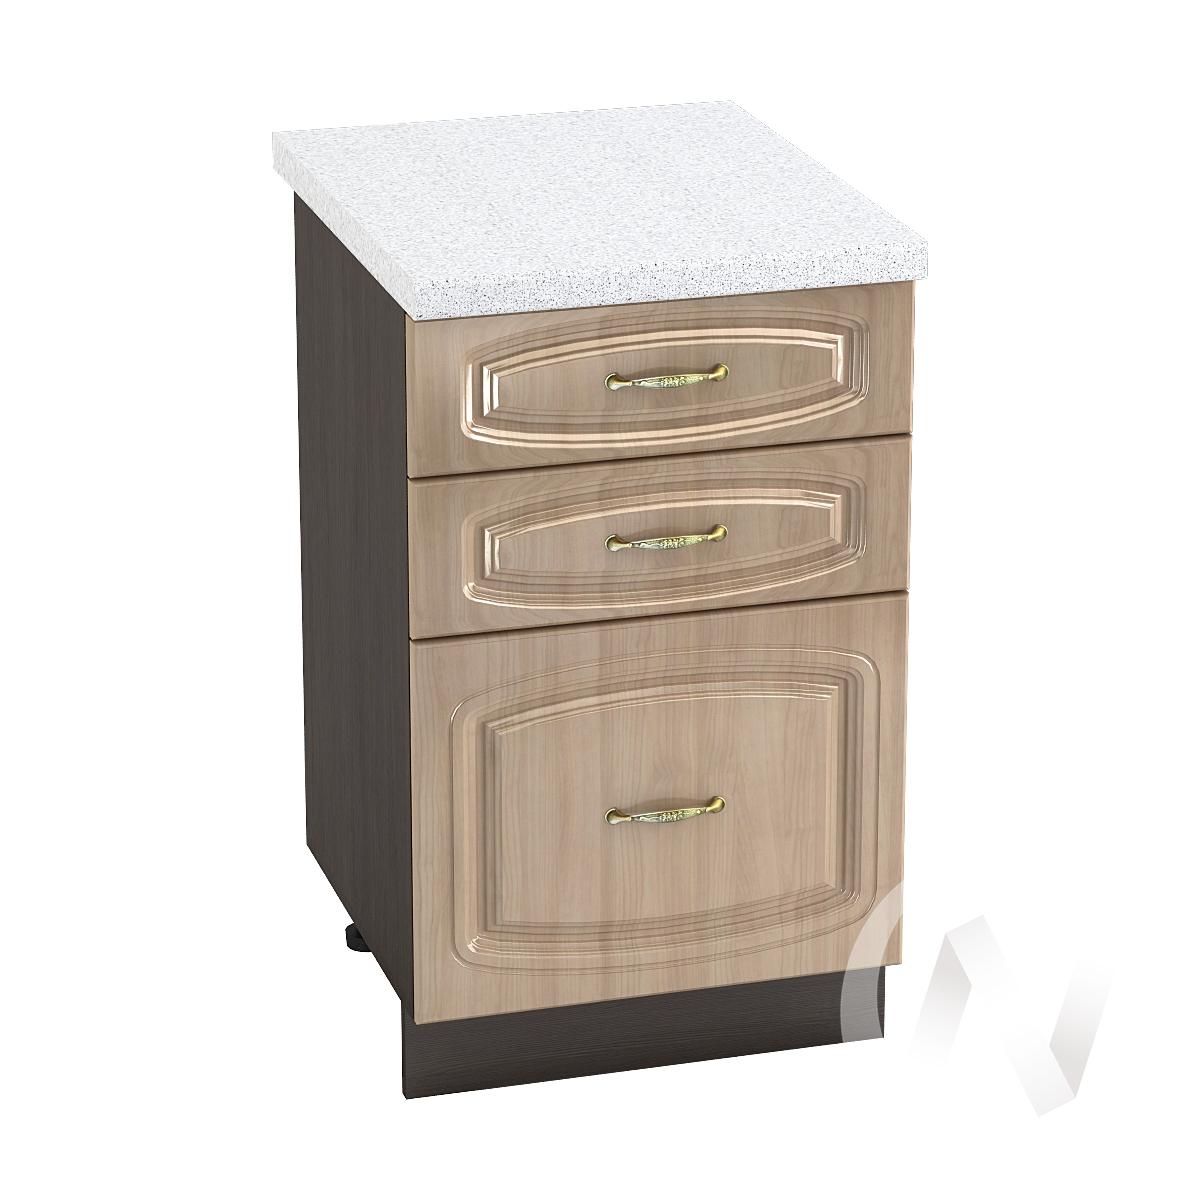 """Кухня """"Сити"""": Шкаф нижний с 3-мя ящиками 500, ШН3Я 500 (корпус венге)"""